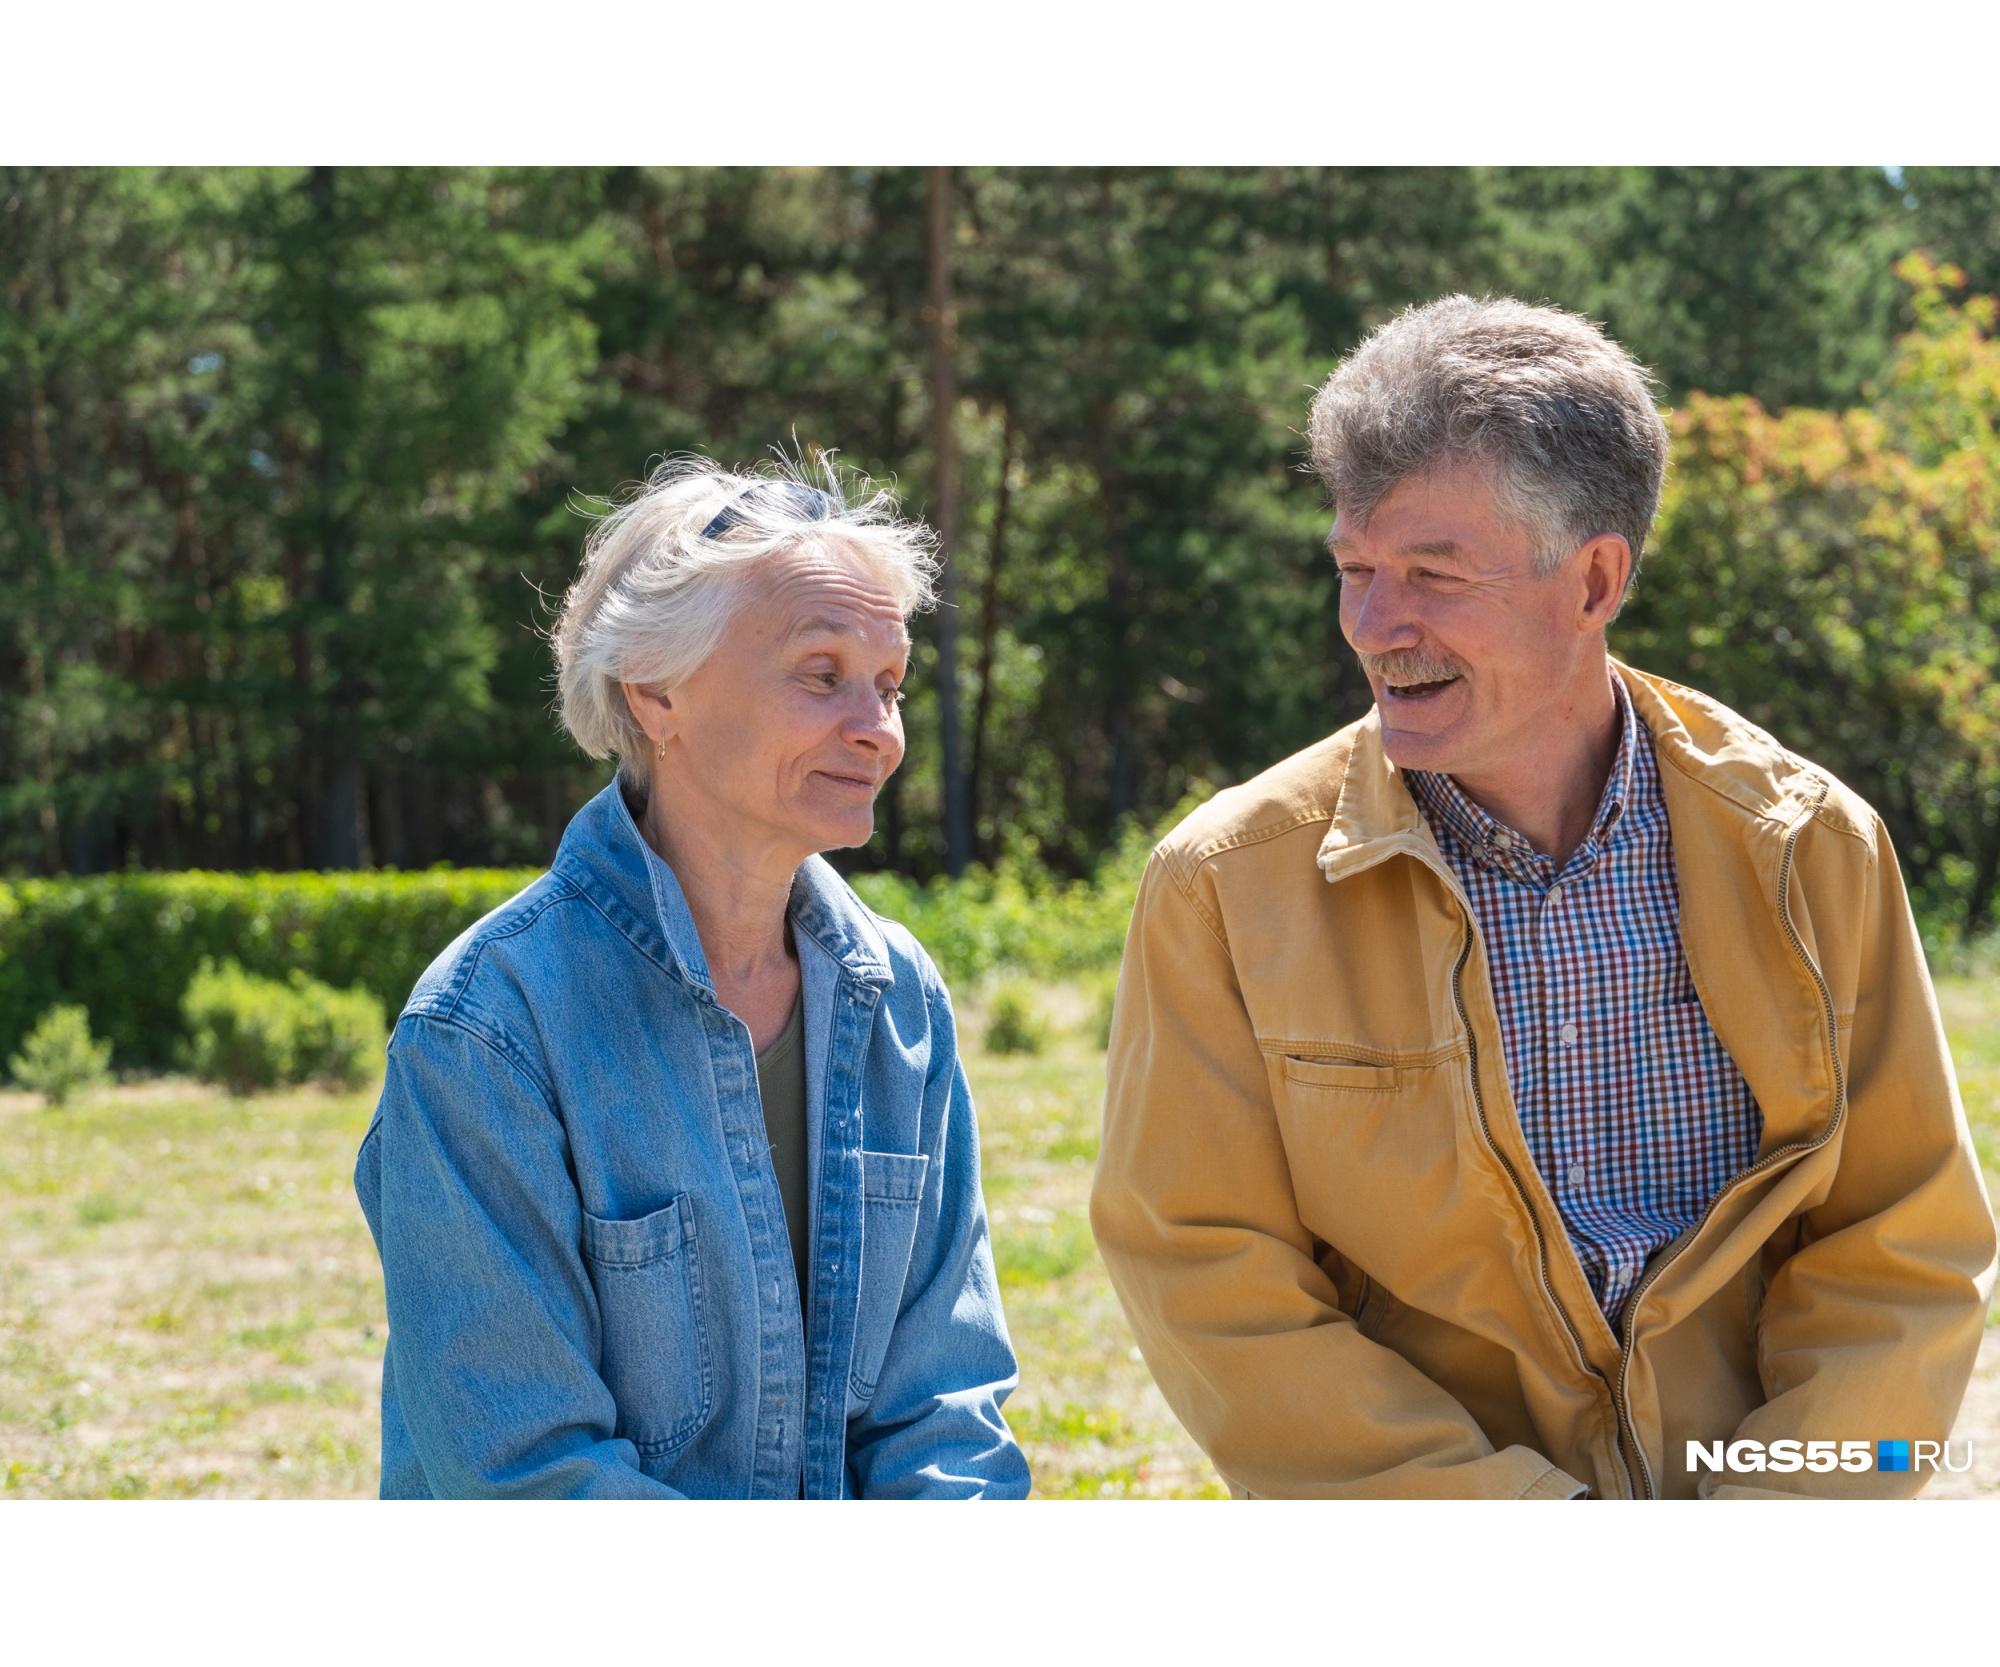 Супруги познакомились 47 лет назад на танцах